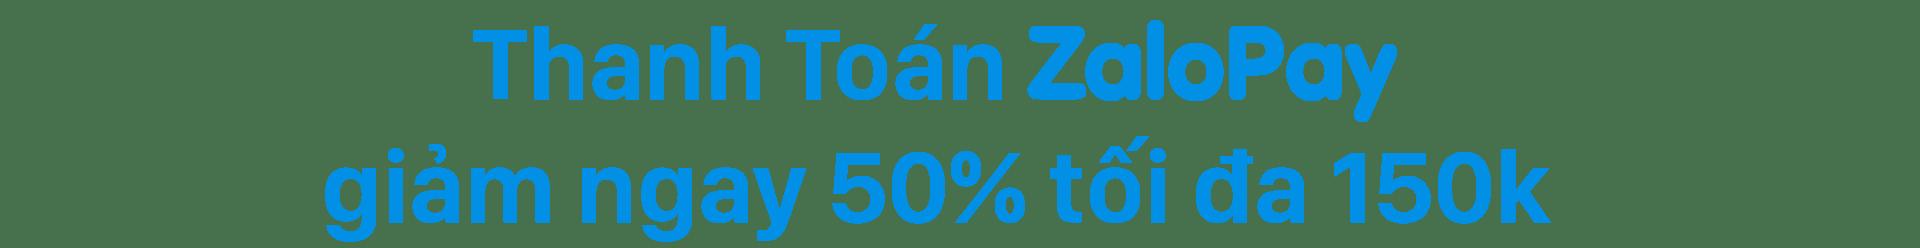 a2229572eabed7480b71a36e92117eca - Cách mua hàng trên tiki giảm trực tiếp 50% (150k) với Zalo Pay